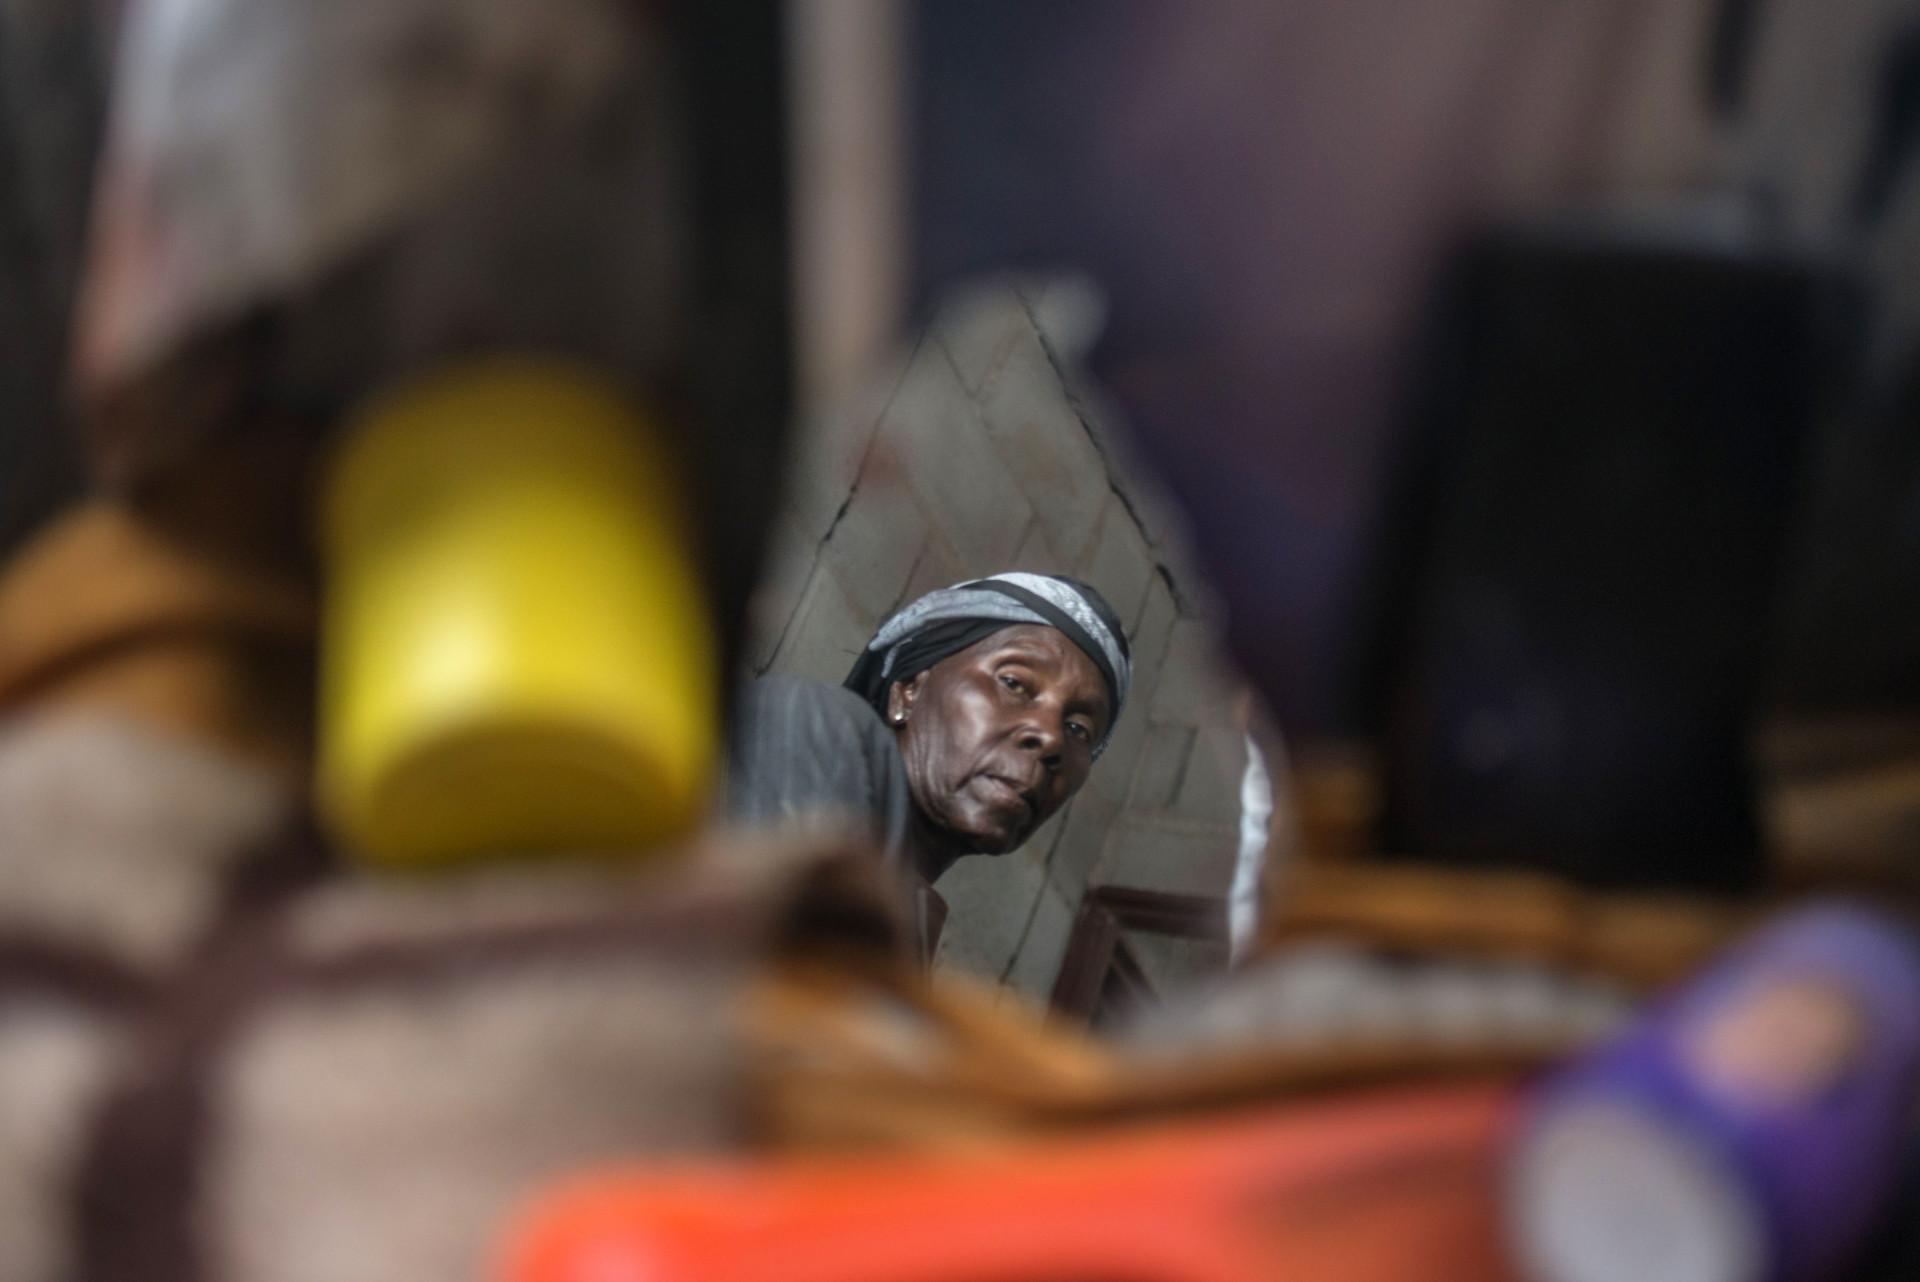 Strejk fortsatter i zimbabwe